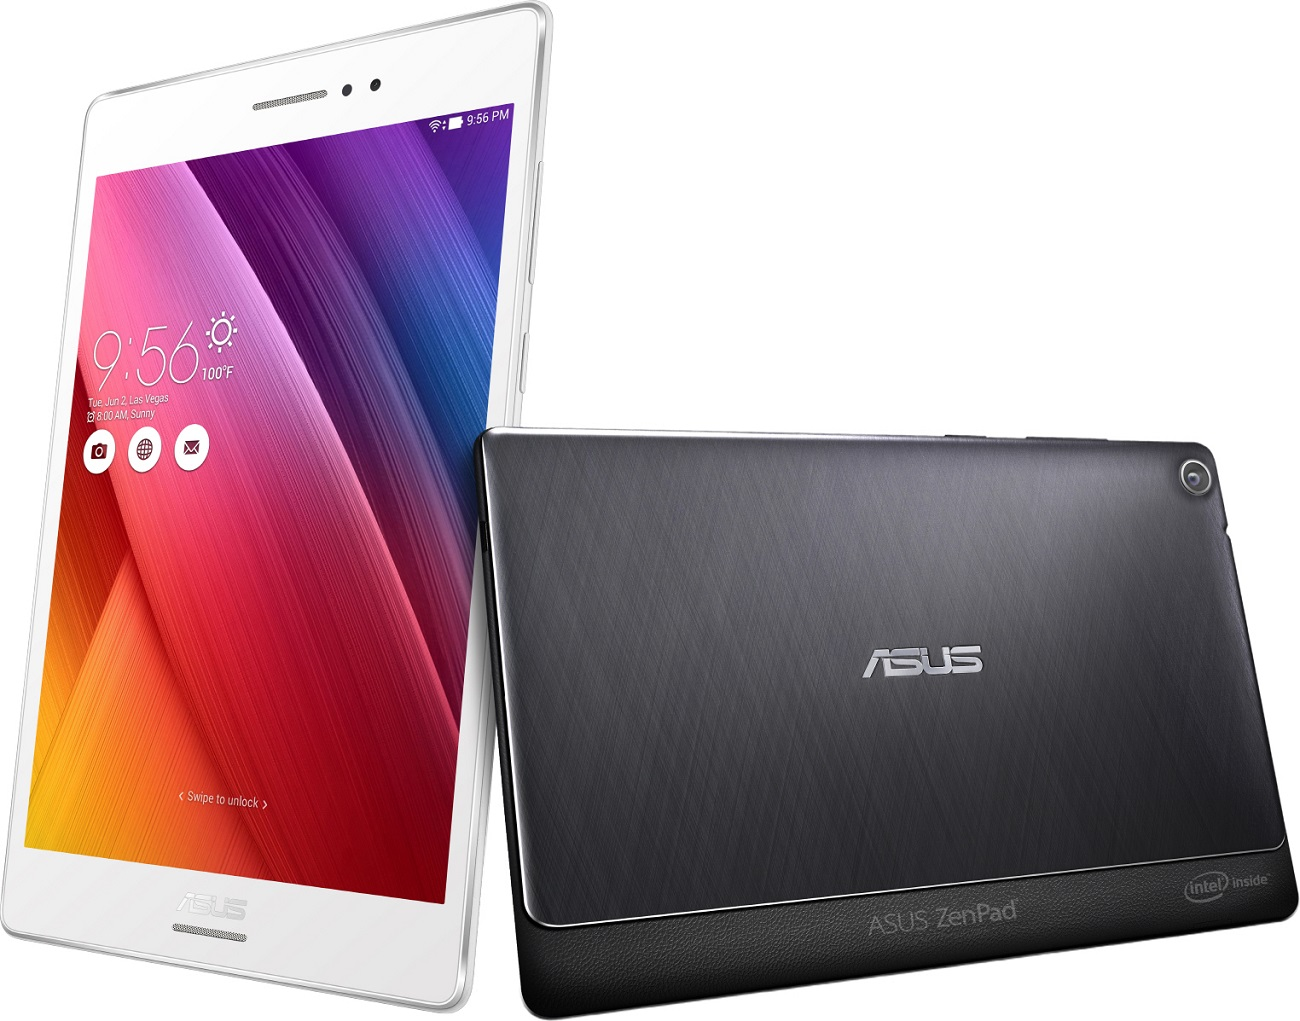 화질이 괜찮은 8인치 태블릿, ASUS 젠패드S 8.0 출시